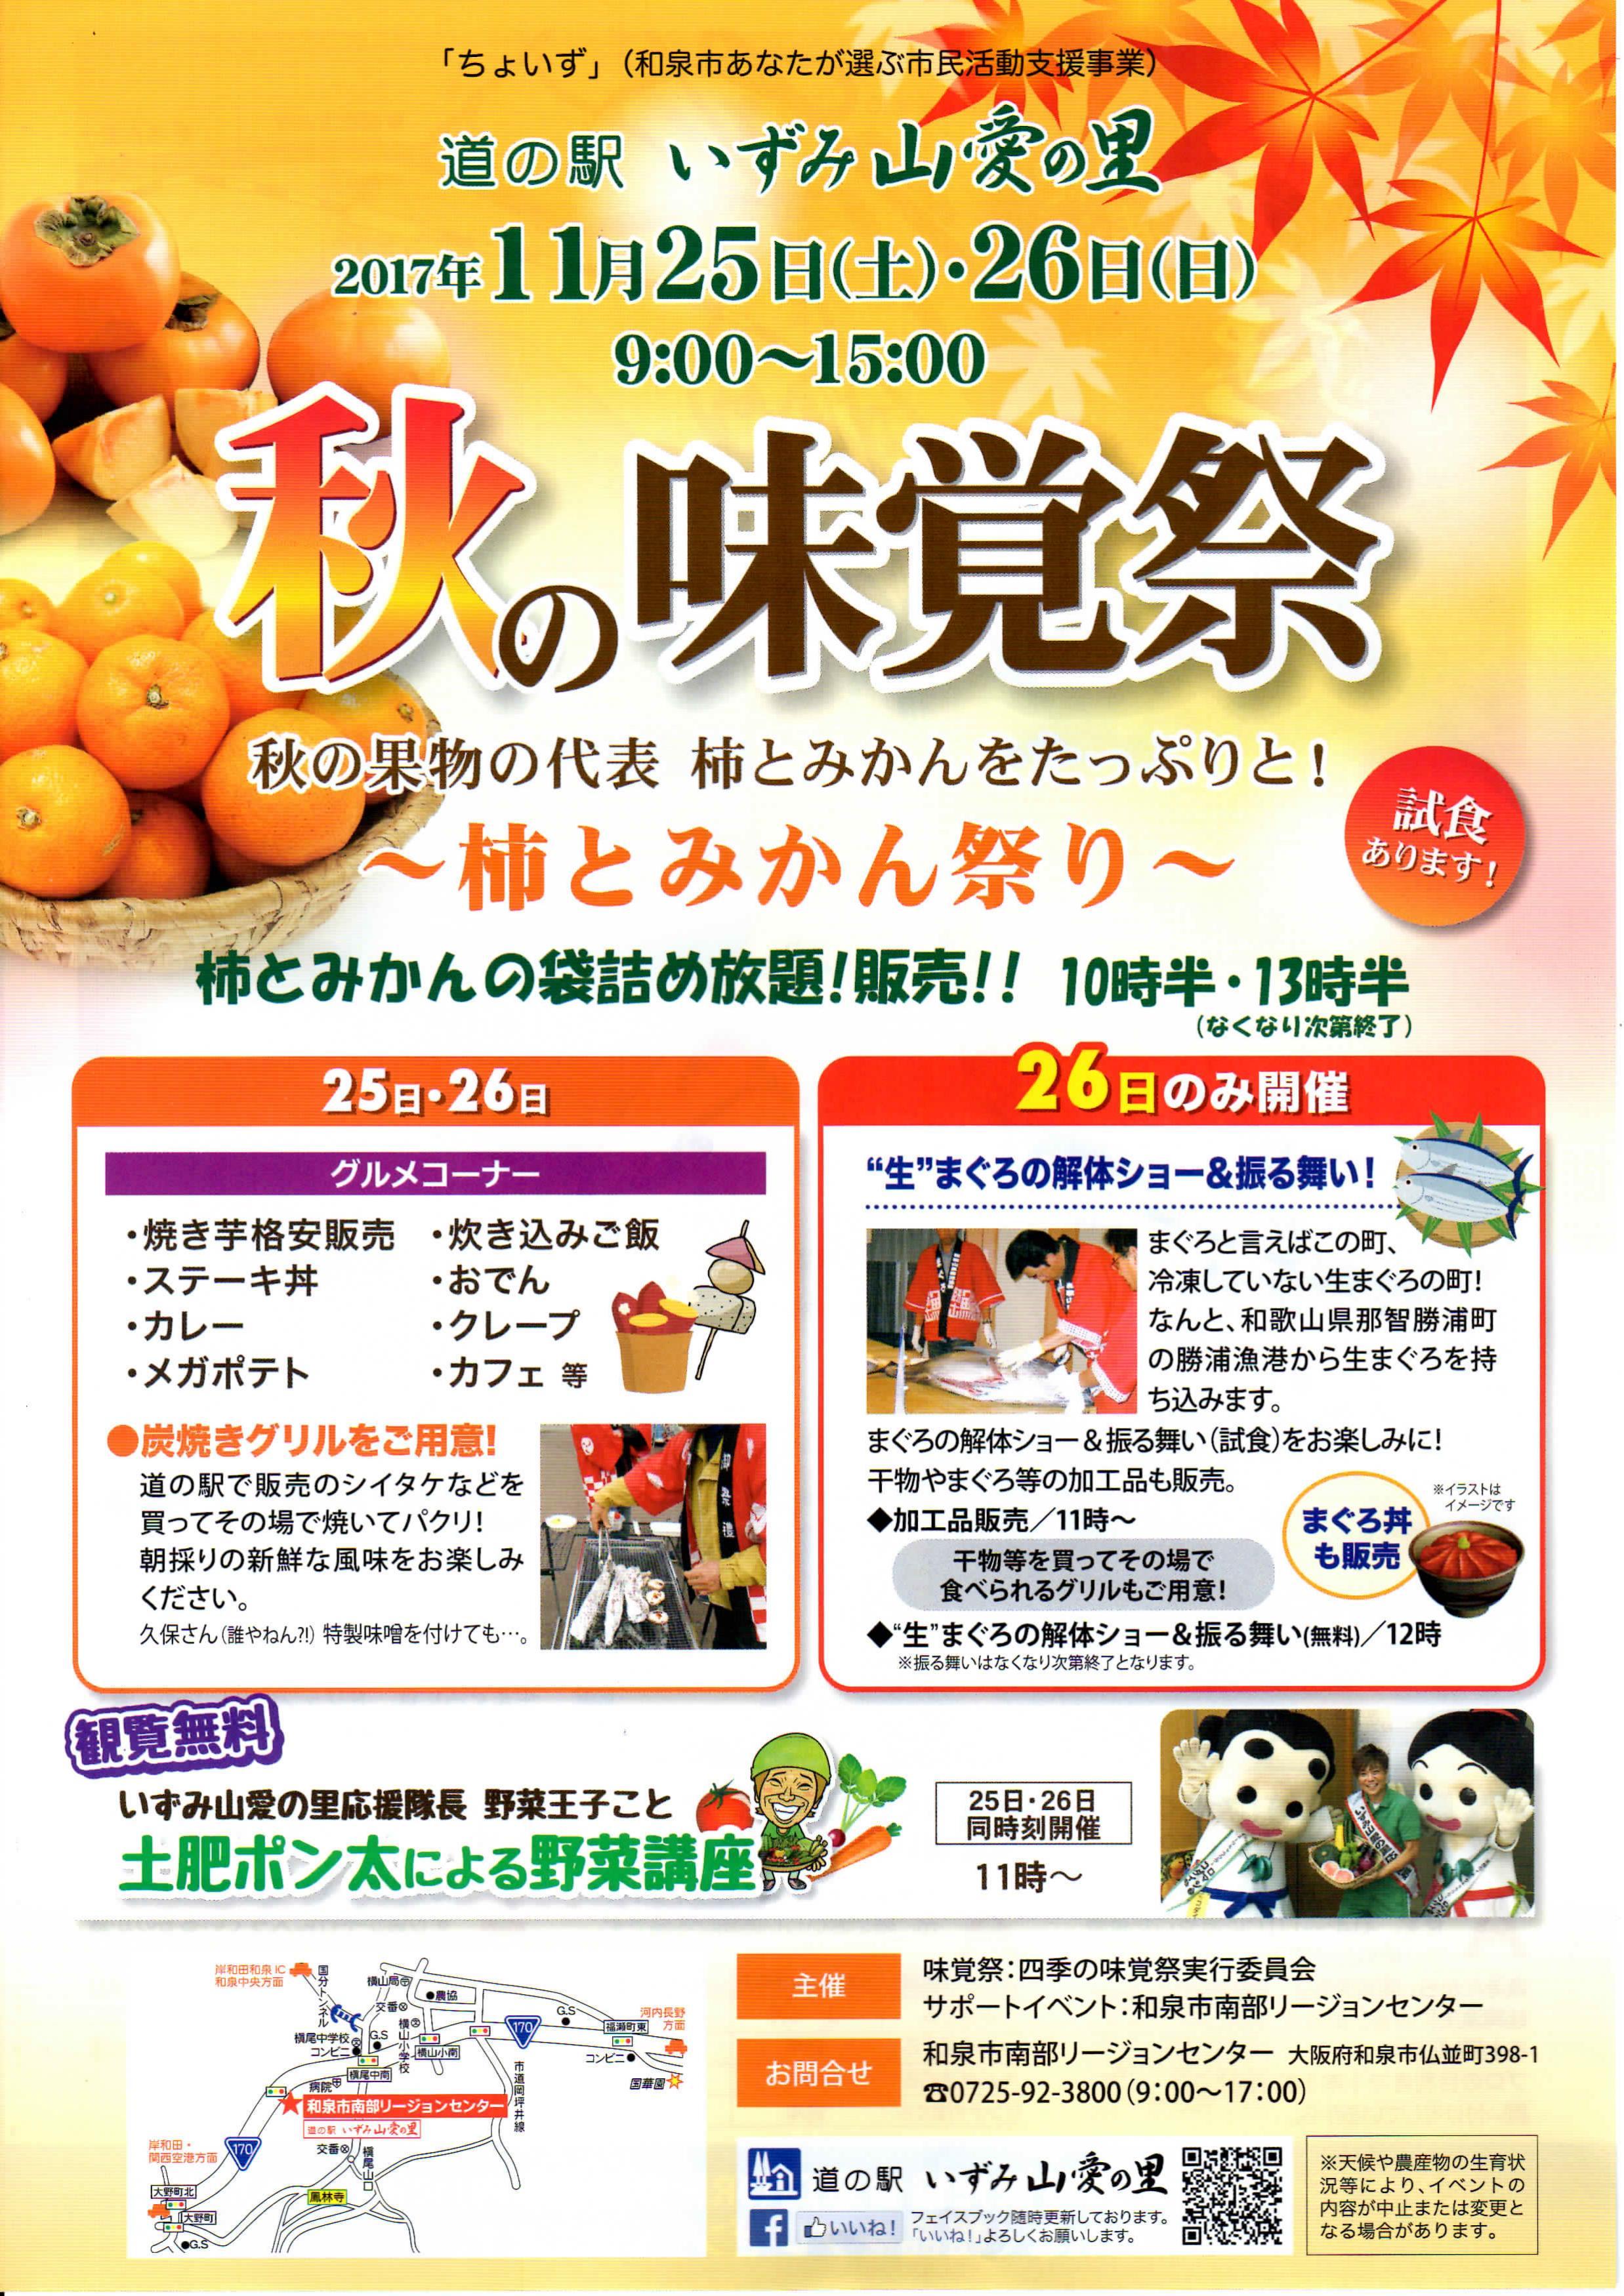 道の駅  いずみ山愛の里『秋の味覚祭』11月25日(土)・26日(日)  開催!!